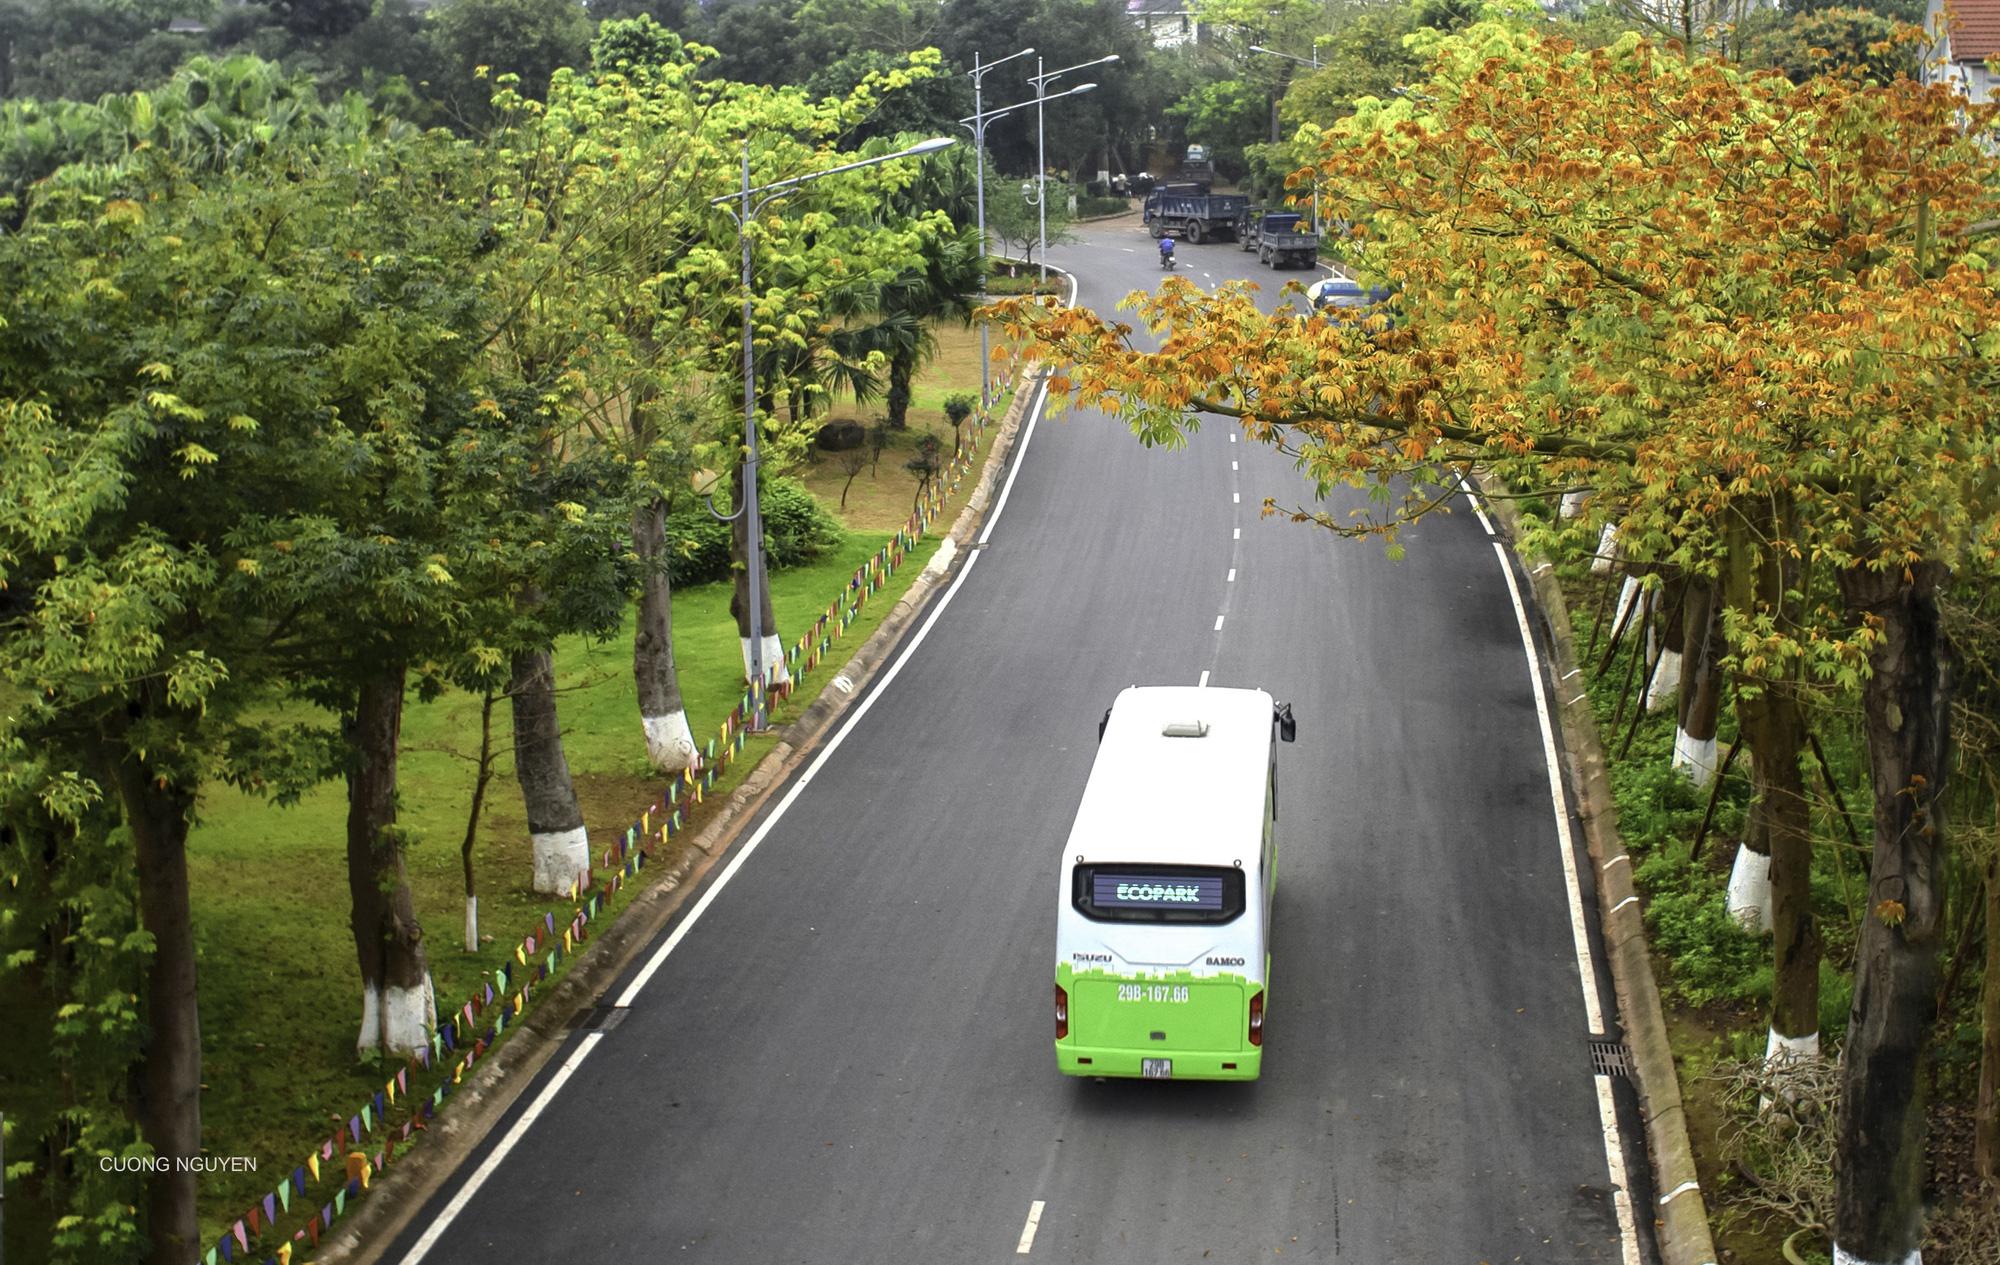 Cửa ngõ Đông Nam thành phố hưởng lợi nhờ kết nối hạ tầng thuận tiện - Ảnh 2.